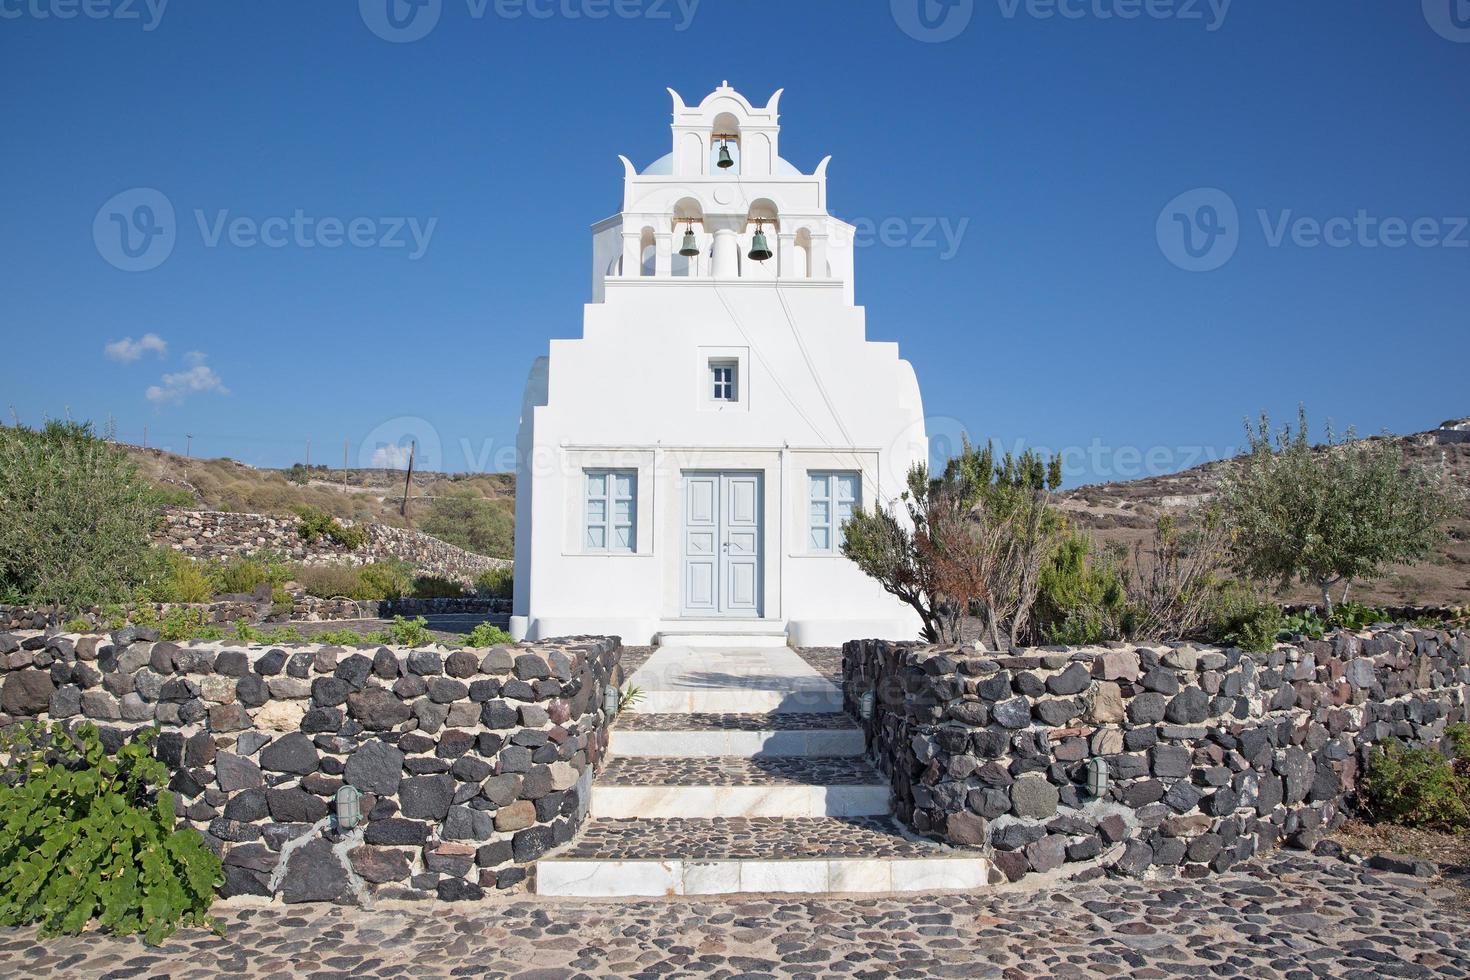 santorini - pequeña capilla sobre la costa sur de la isla. foto